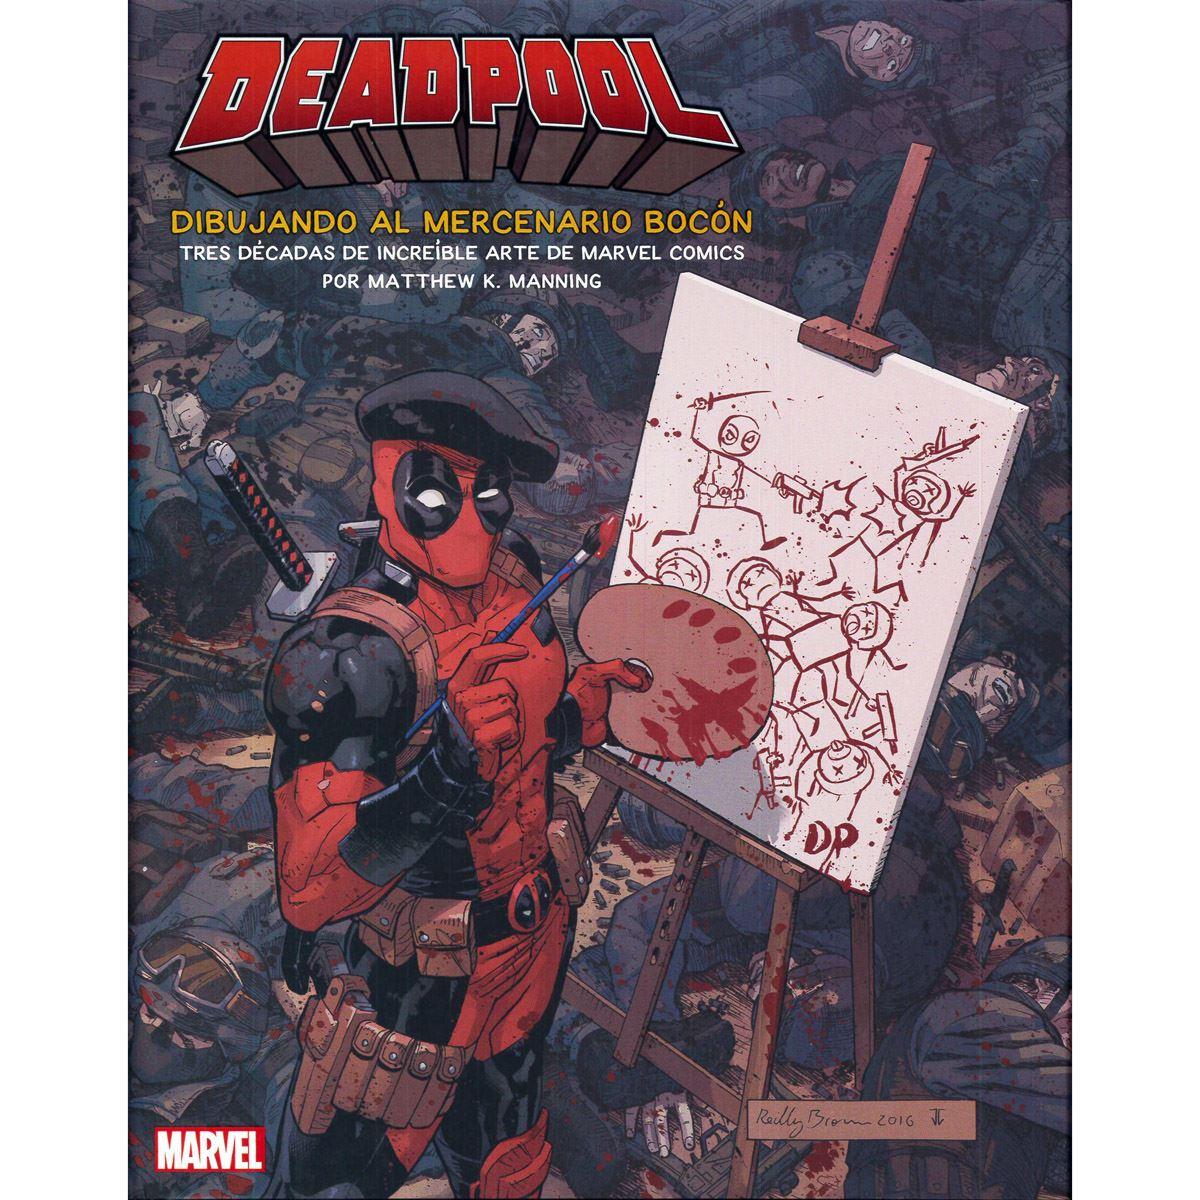 Deadpool dibujando al mercenario bocón Libro - Sanborns